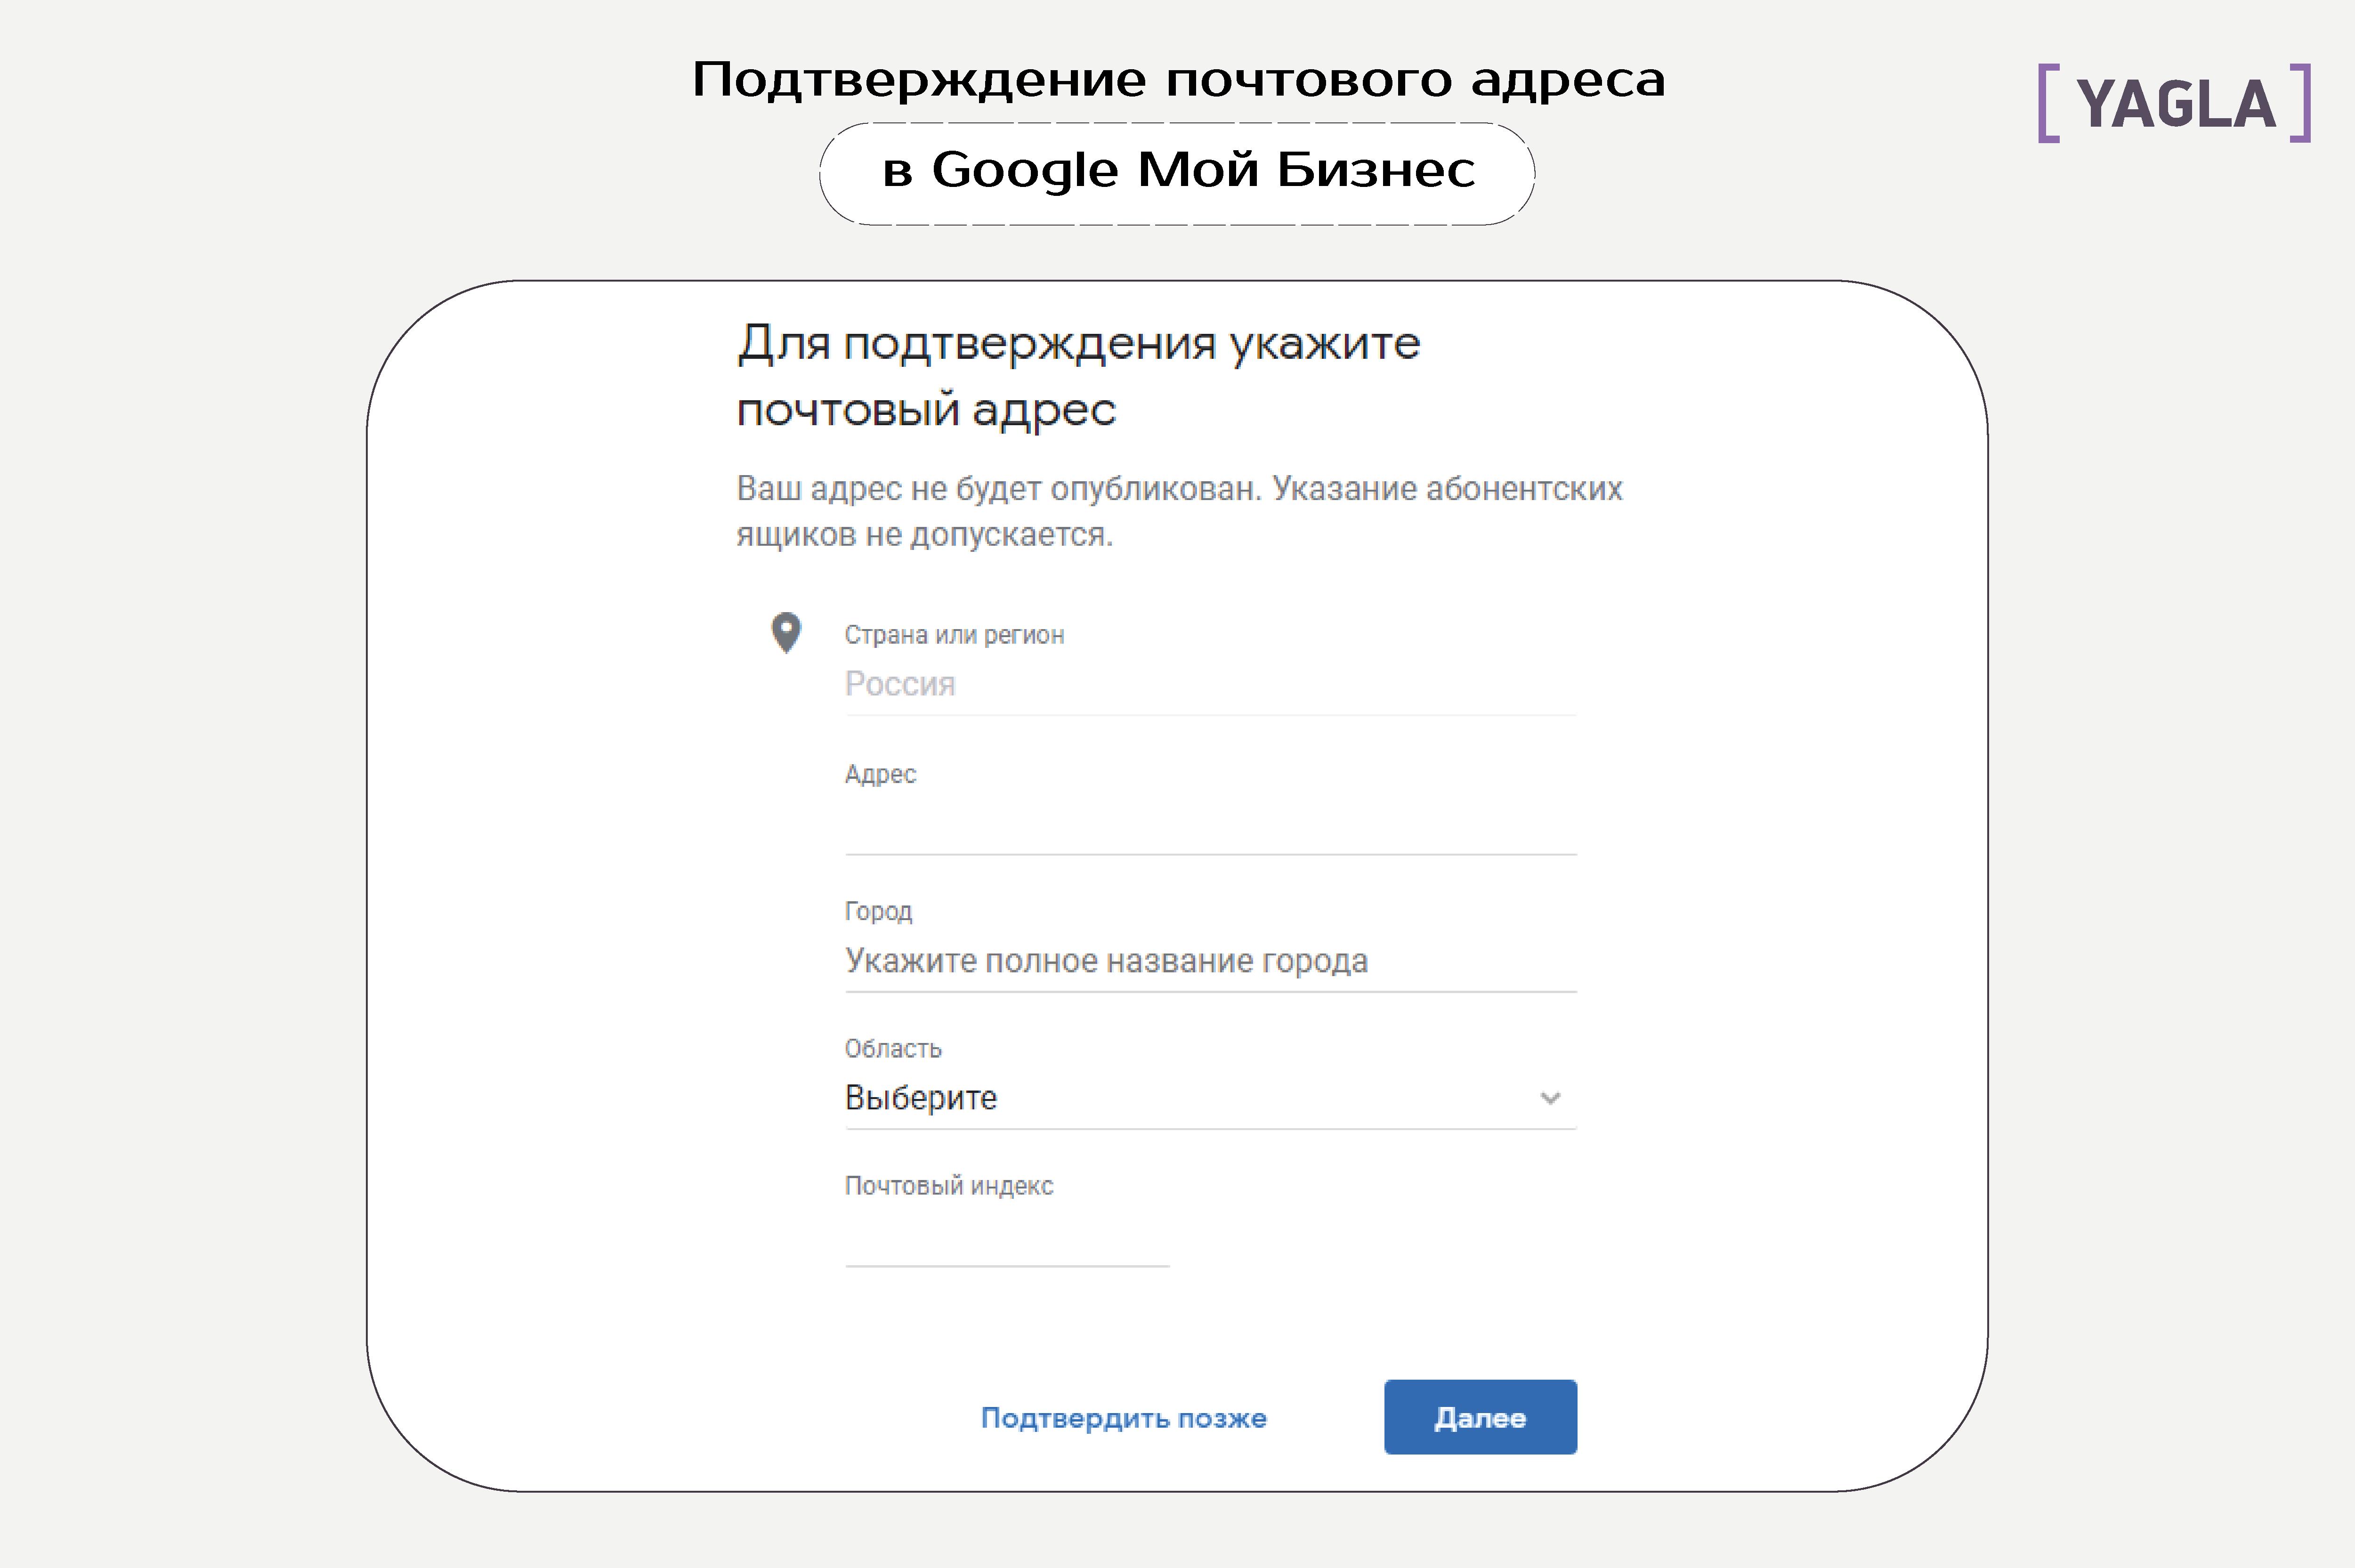 Подтверждение почтового адреса в Google Мой Бизнес